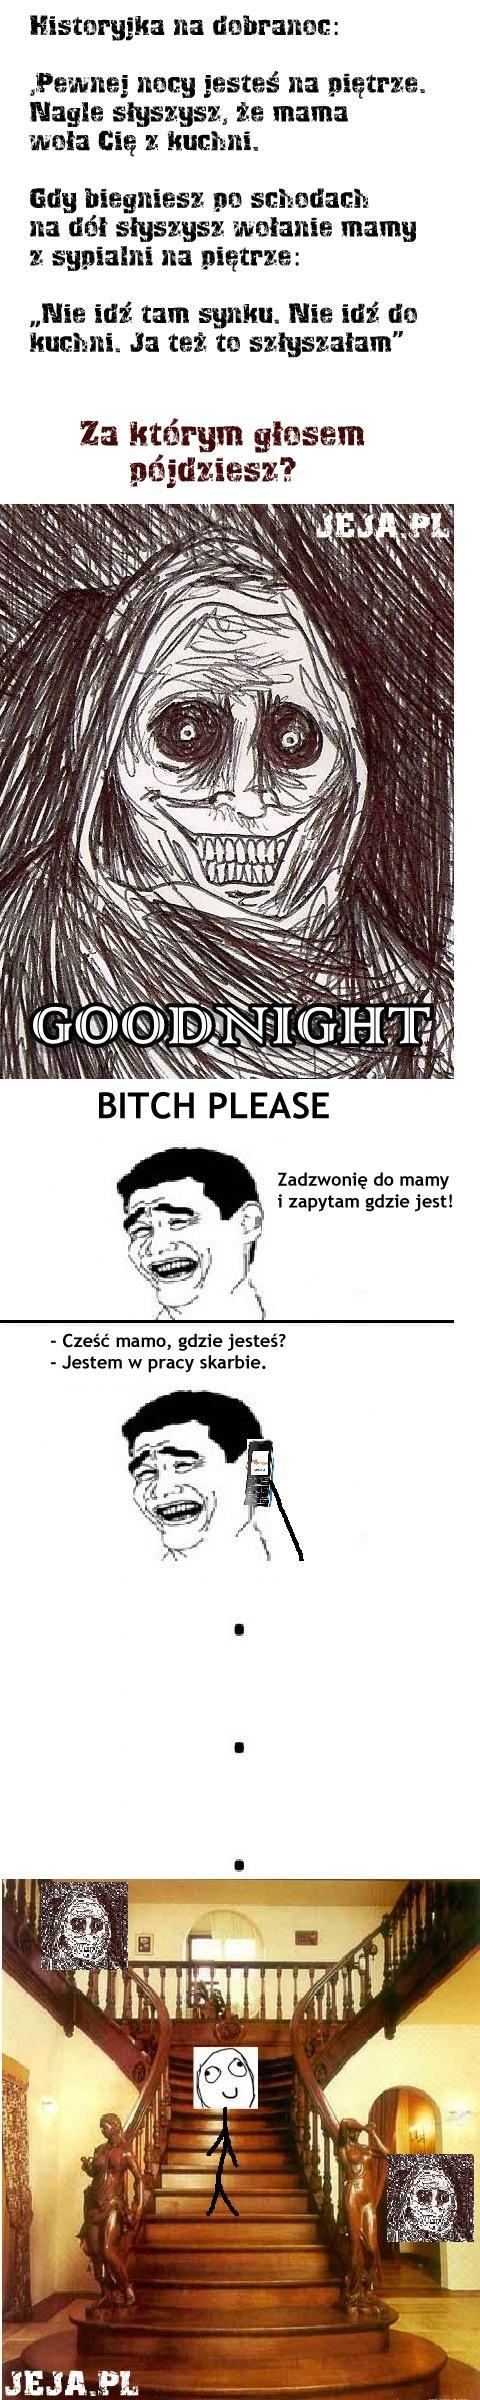 Historyjka na dobranoc